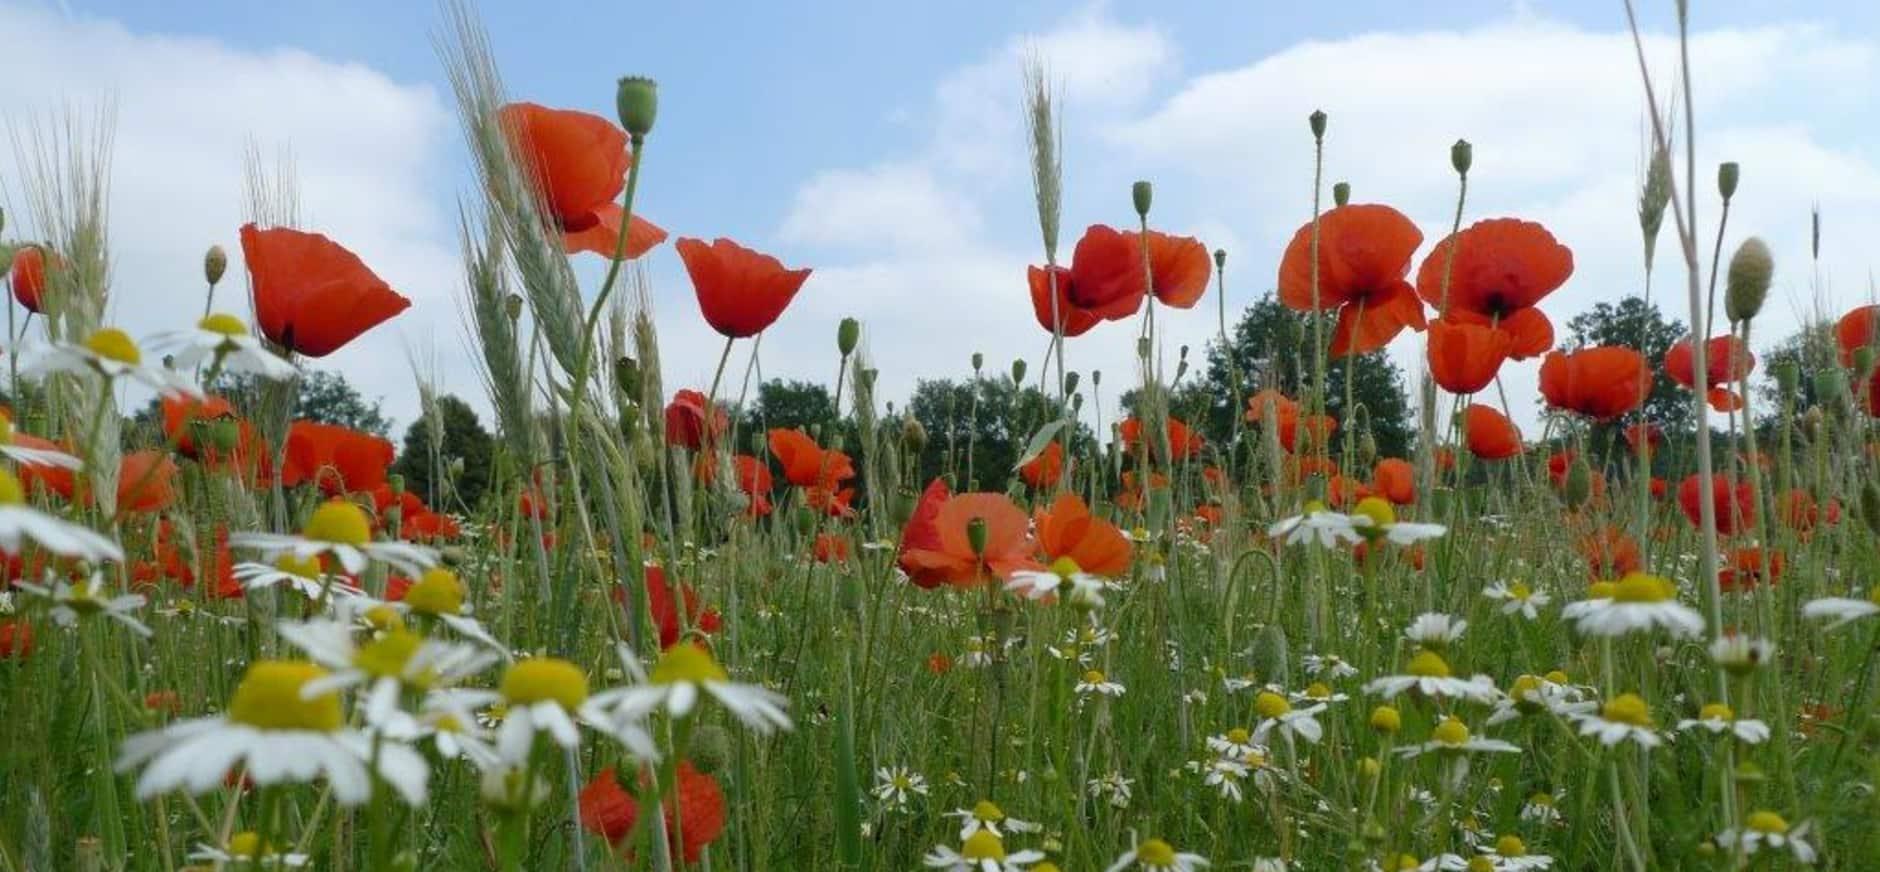 Florarijke akker